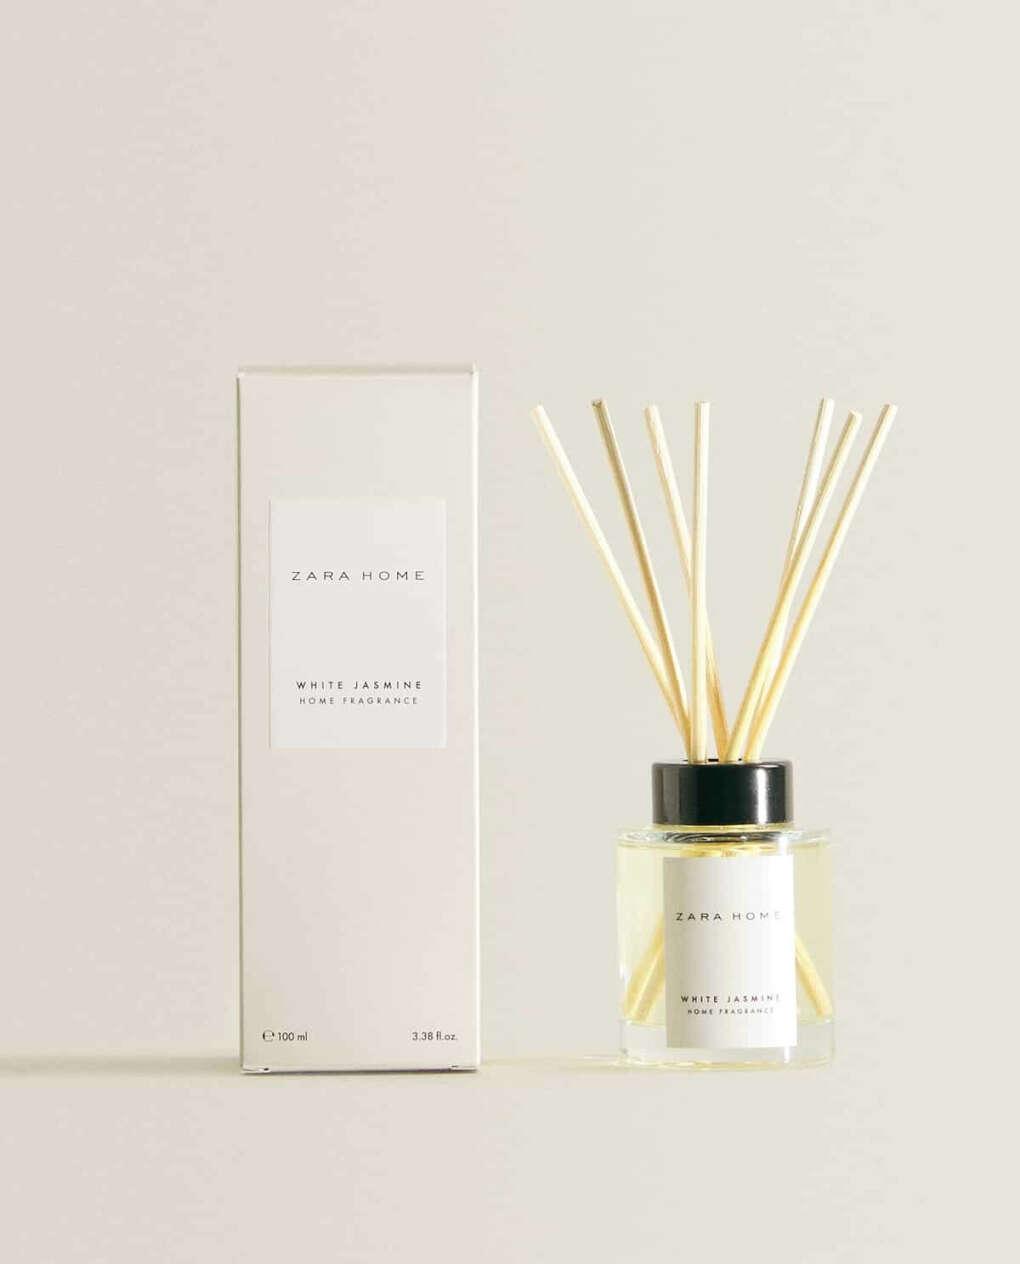 Аромат для дома диффузор Zara Home - White Jasmine